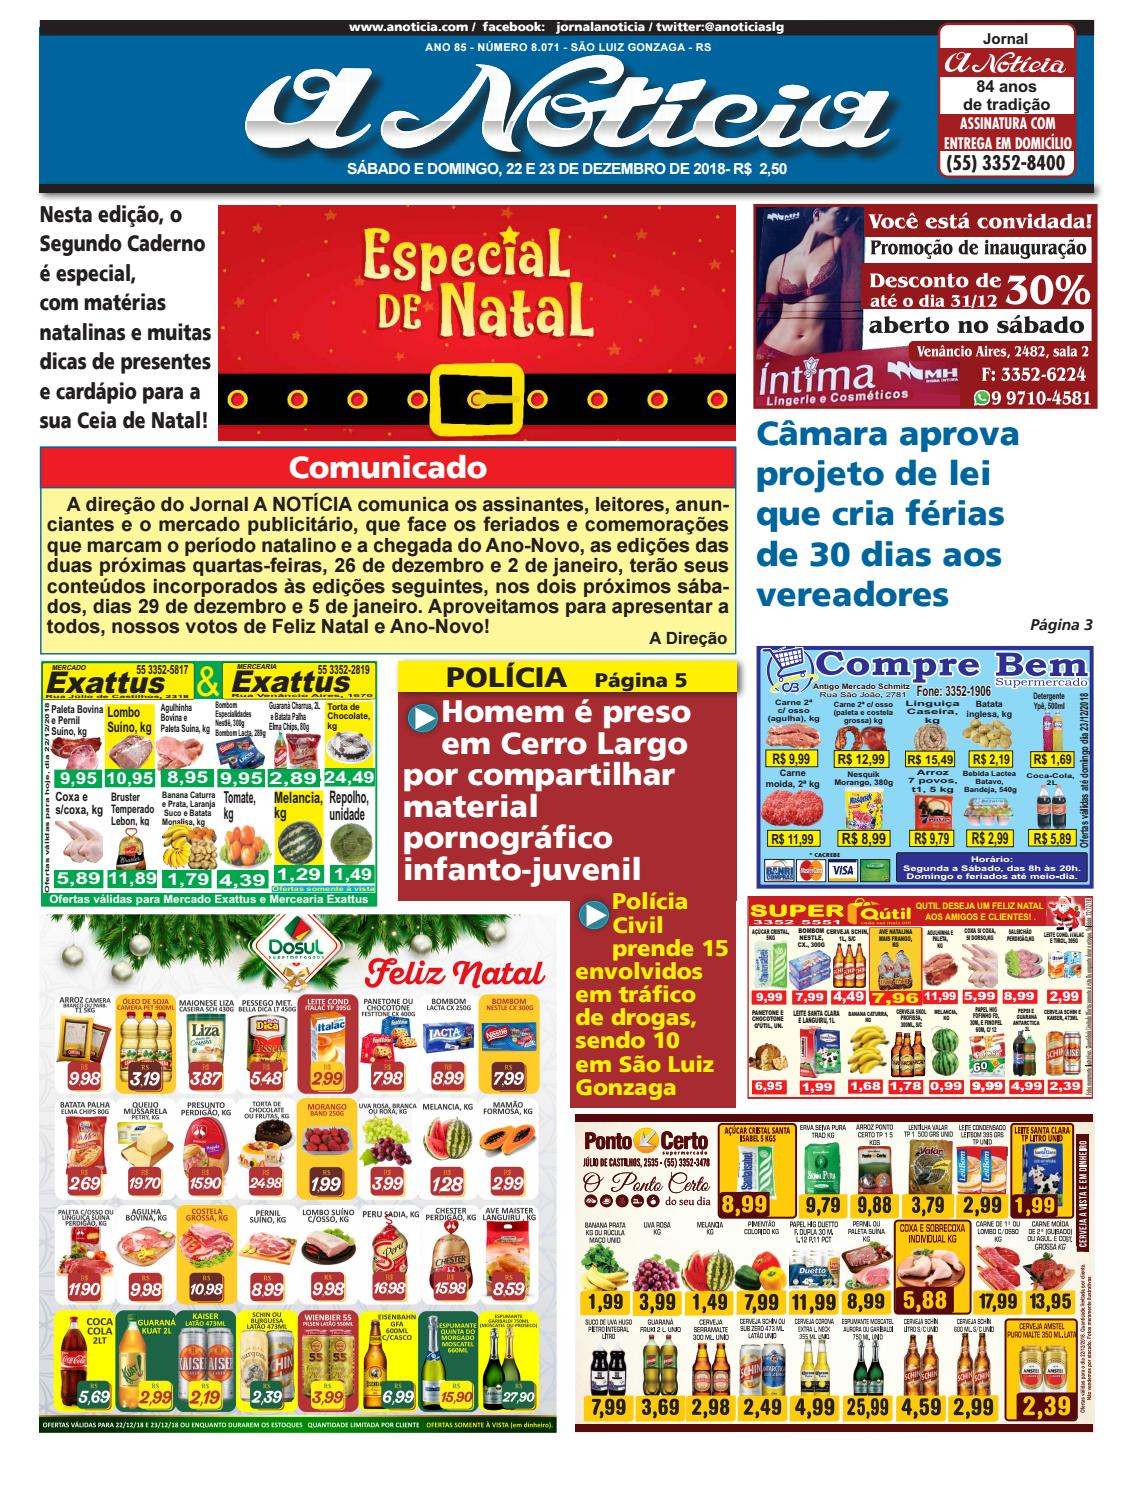 Edição de 22 e 23 de dezembro de 2018 by Jornal A Notícia - issuu 9d8e5eb0f20a4